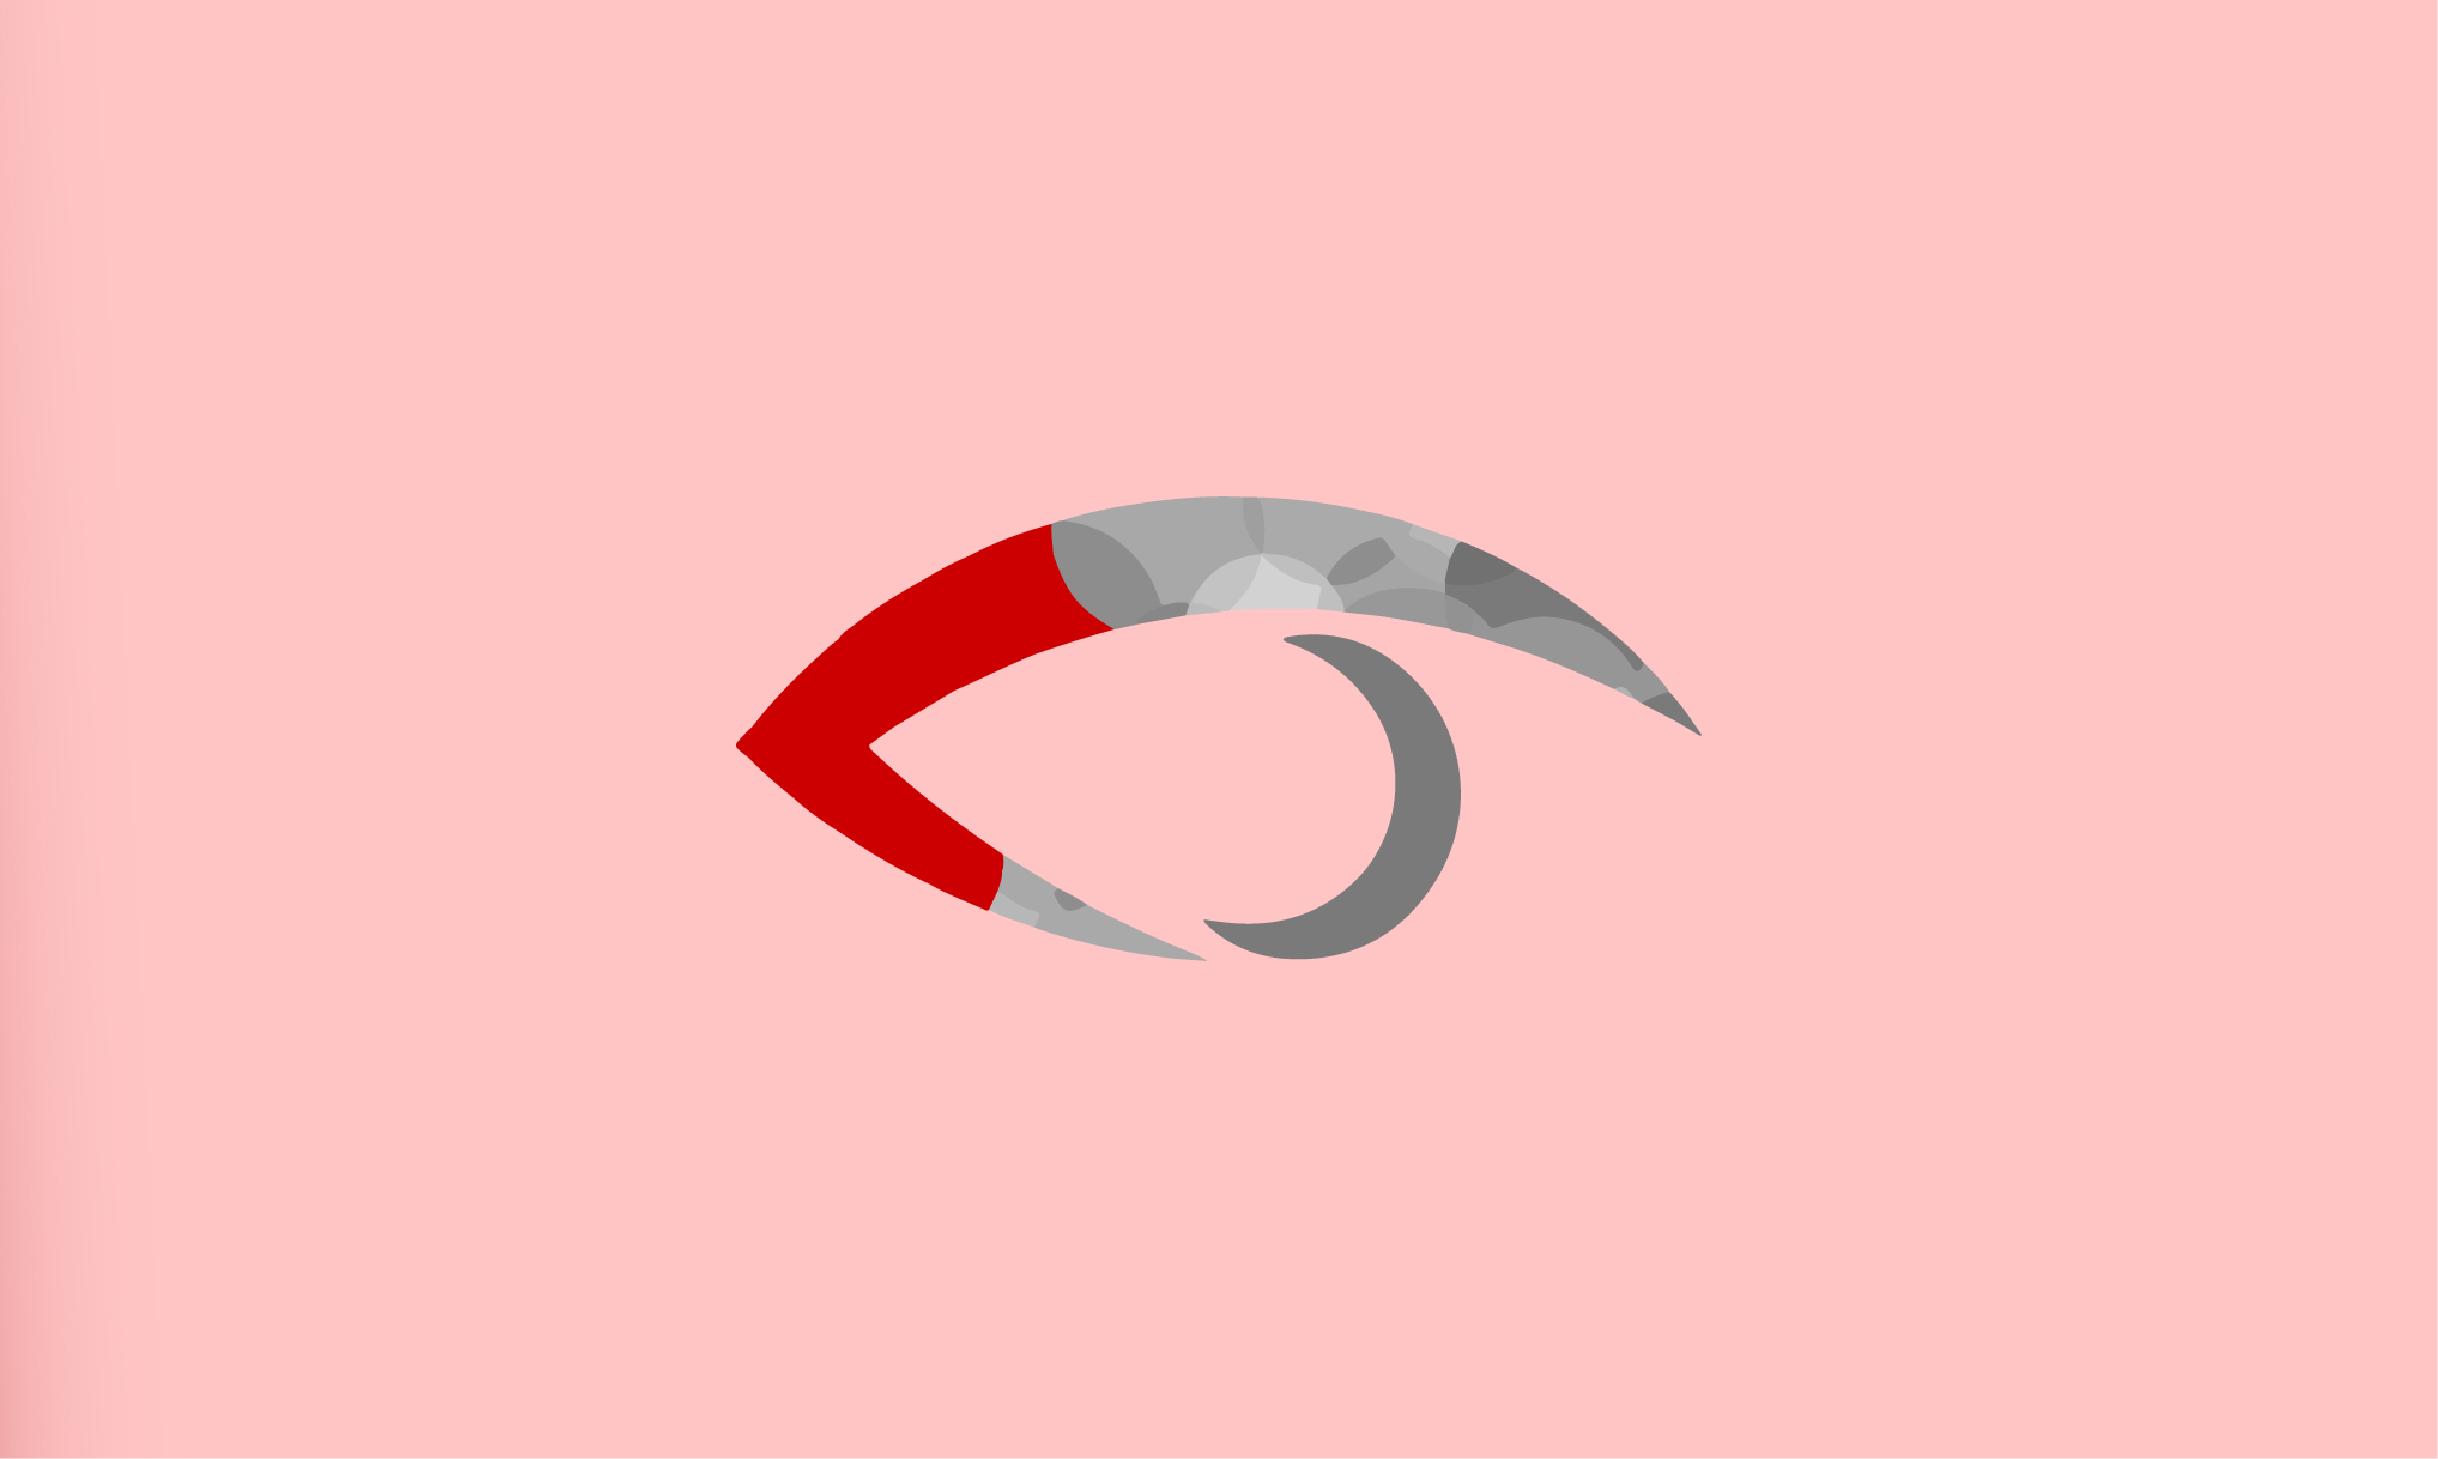 perceptive eye care Perceptive Eye Care Portfolio feature image Perceptive  Home Portfolio feature image Perceptive